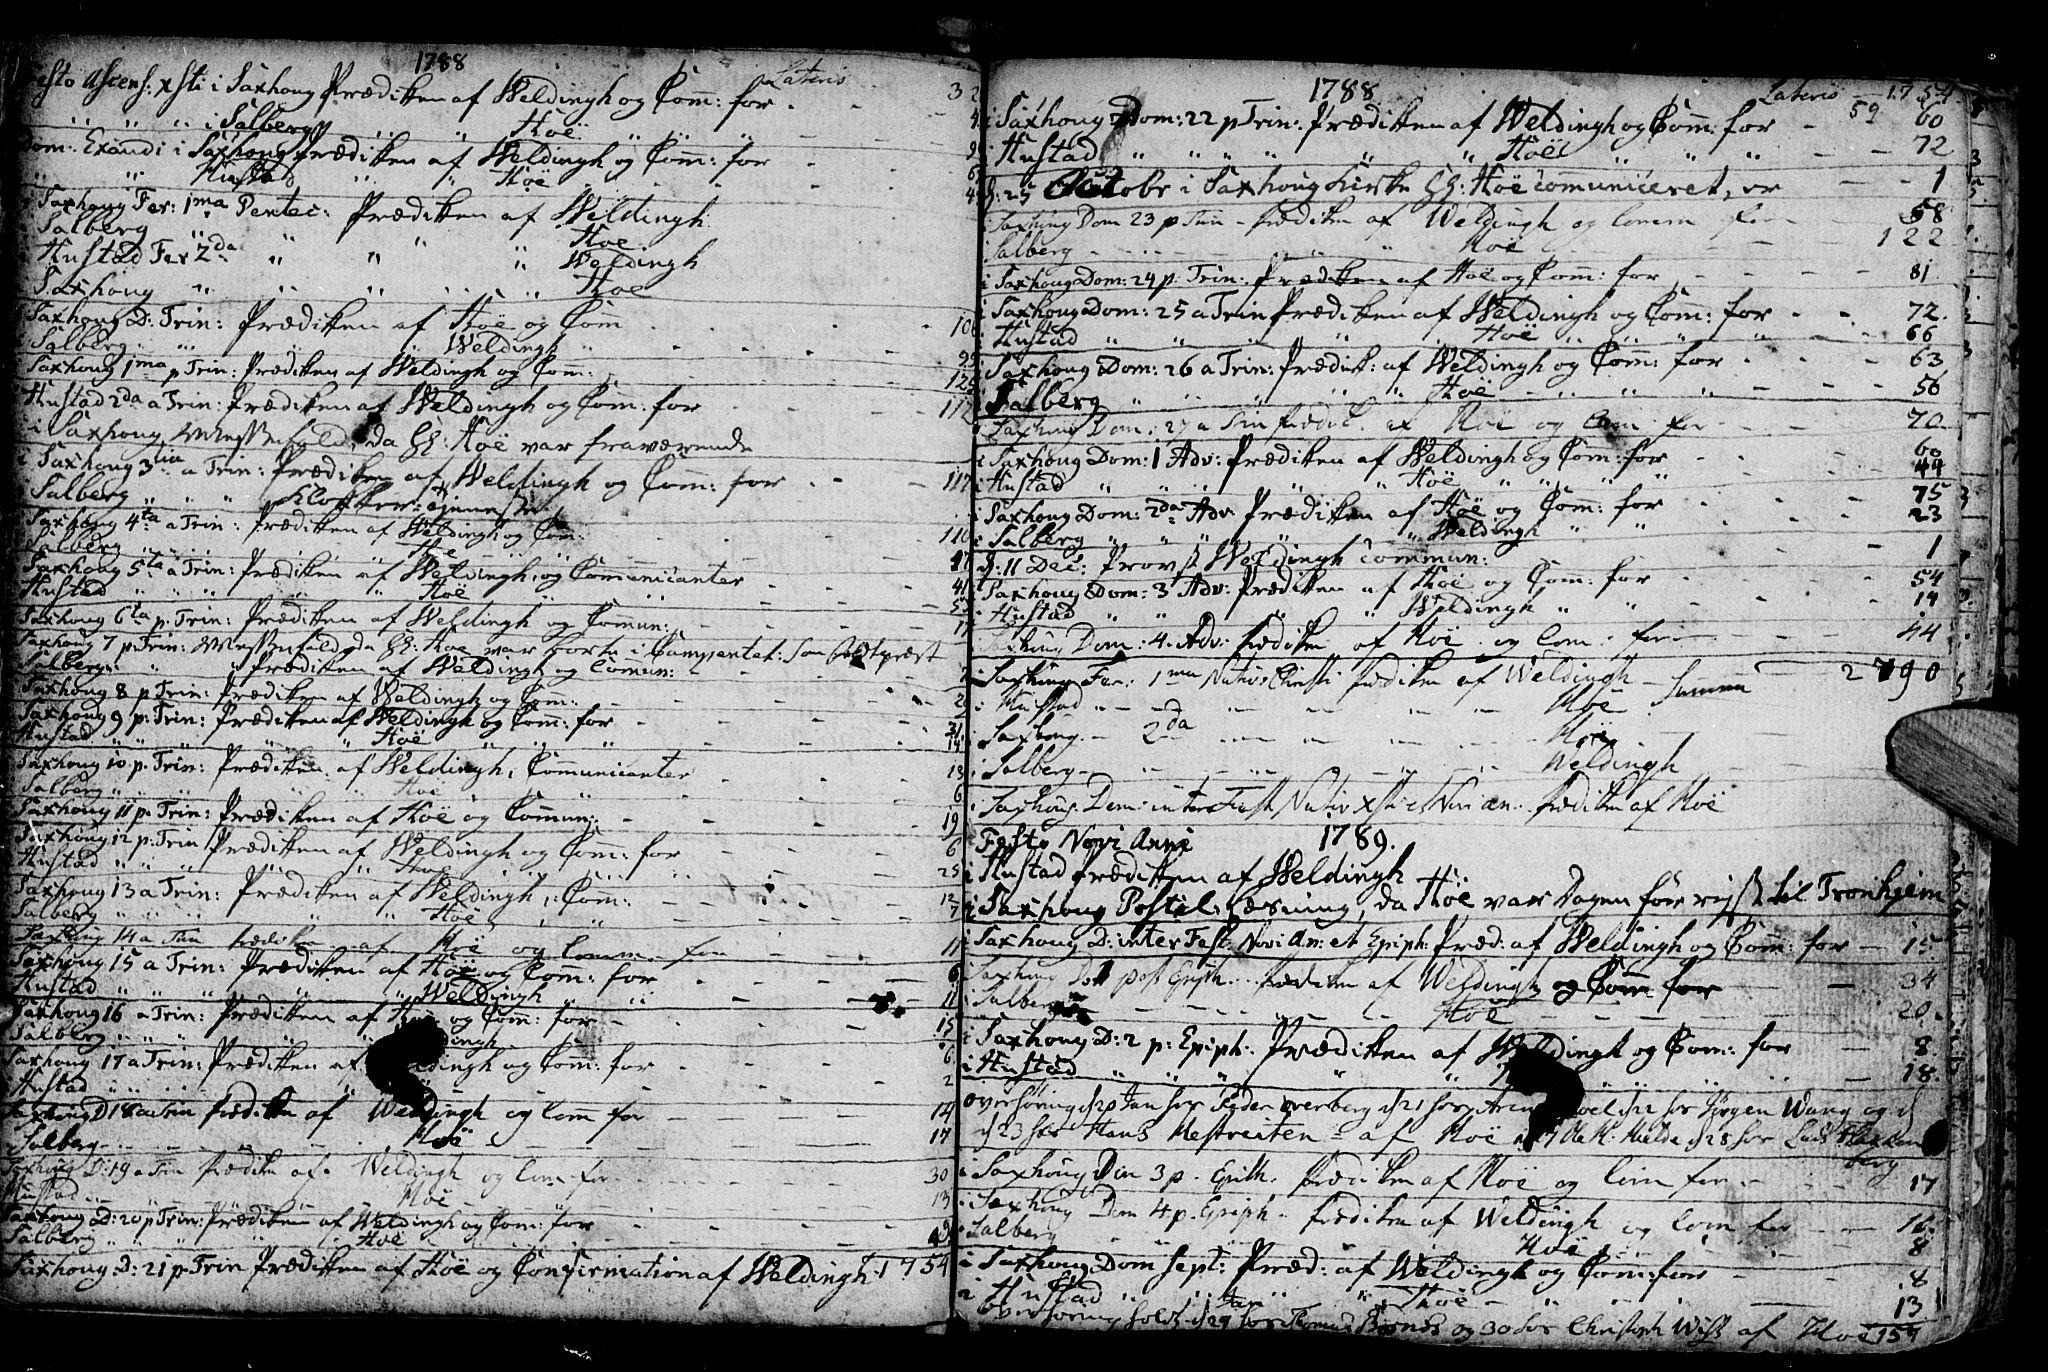 SAT, Ministerialprotokoller, klokkerbøker og fødselsregistre - Nord-Trøndelag, 730/L0273: Ministerialbok nr. 730A02, 1762-1802, s. 59